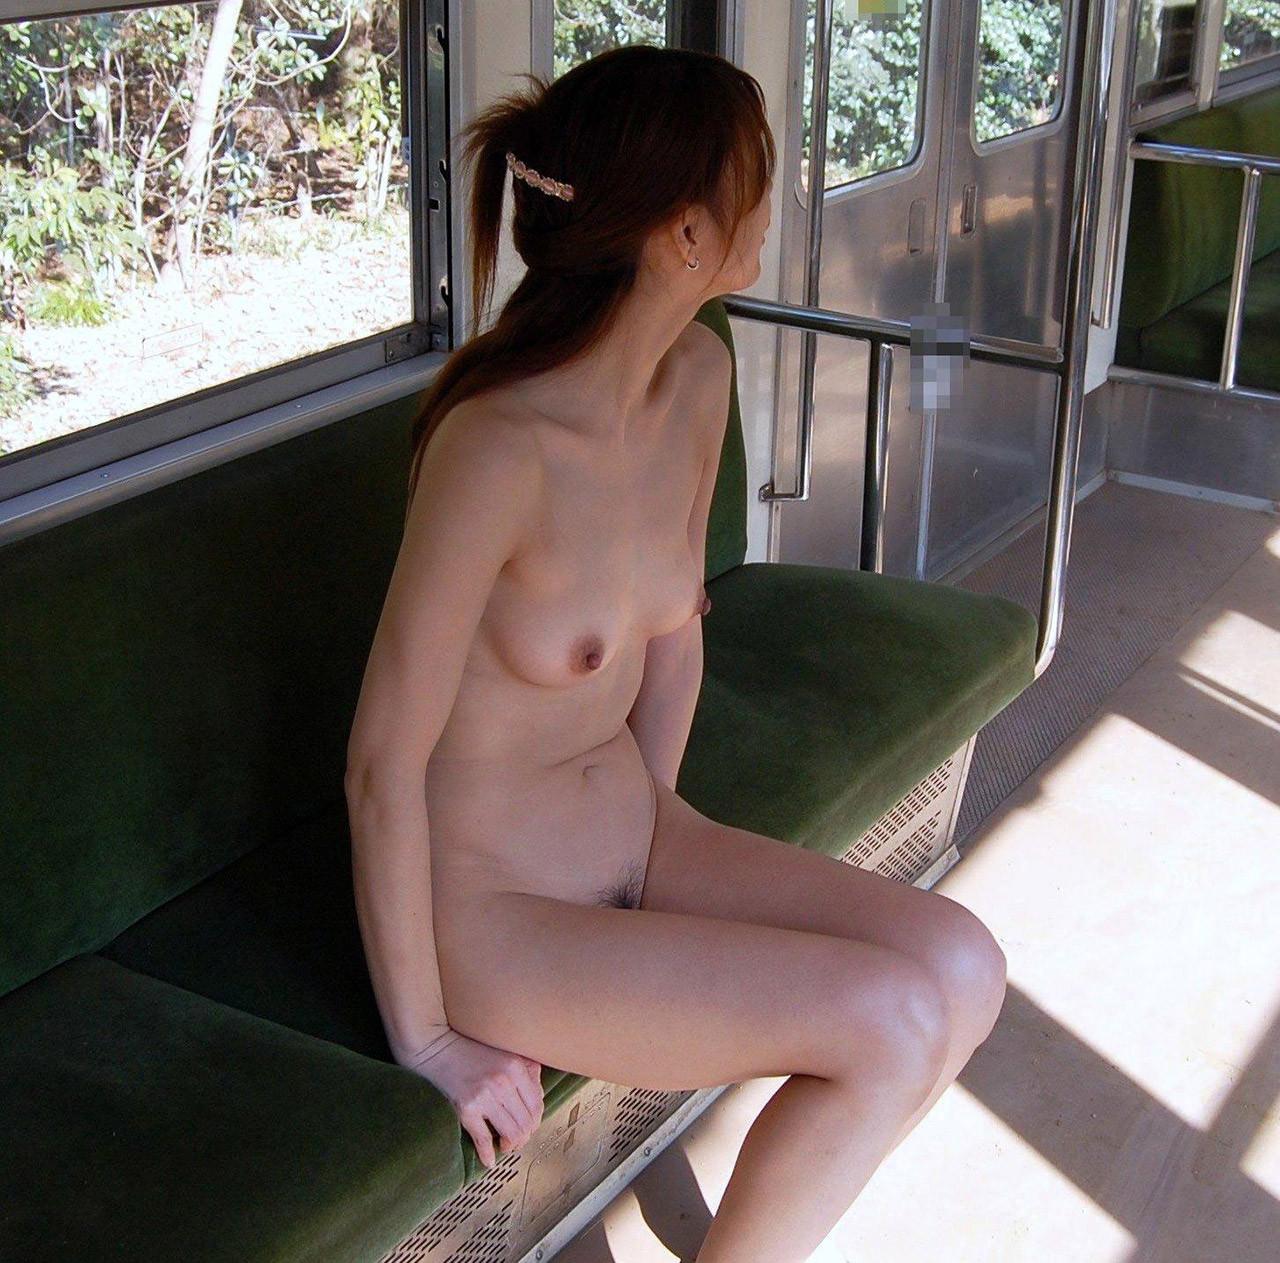 単純な露出では満足出来ずガチ電車内で全裸になってるド変態女のエロ画像 11146